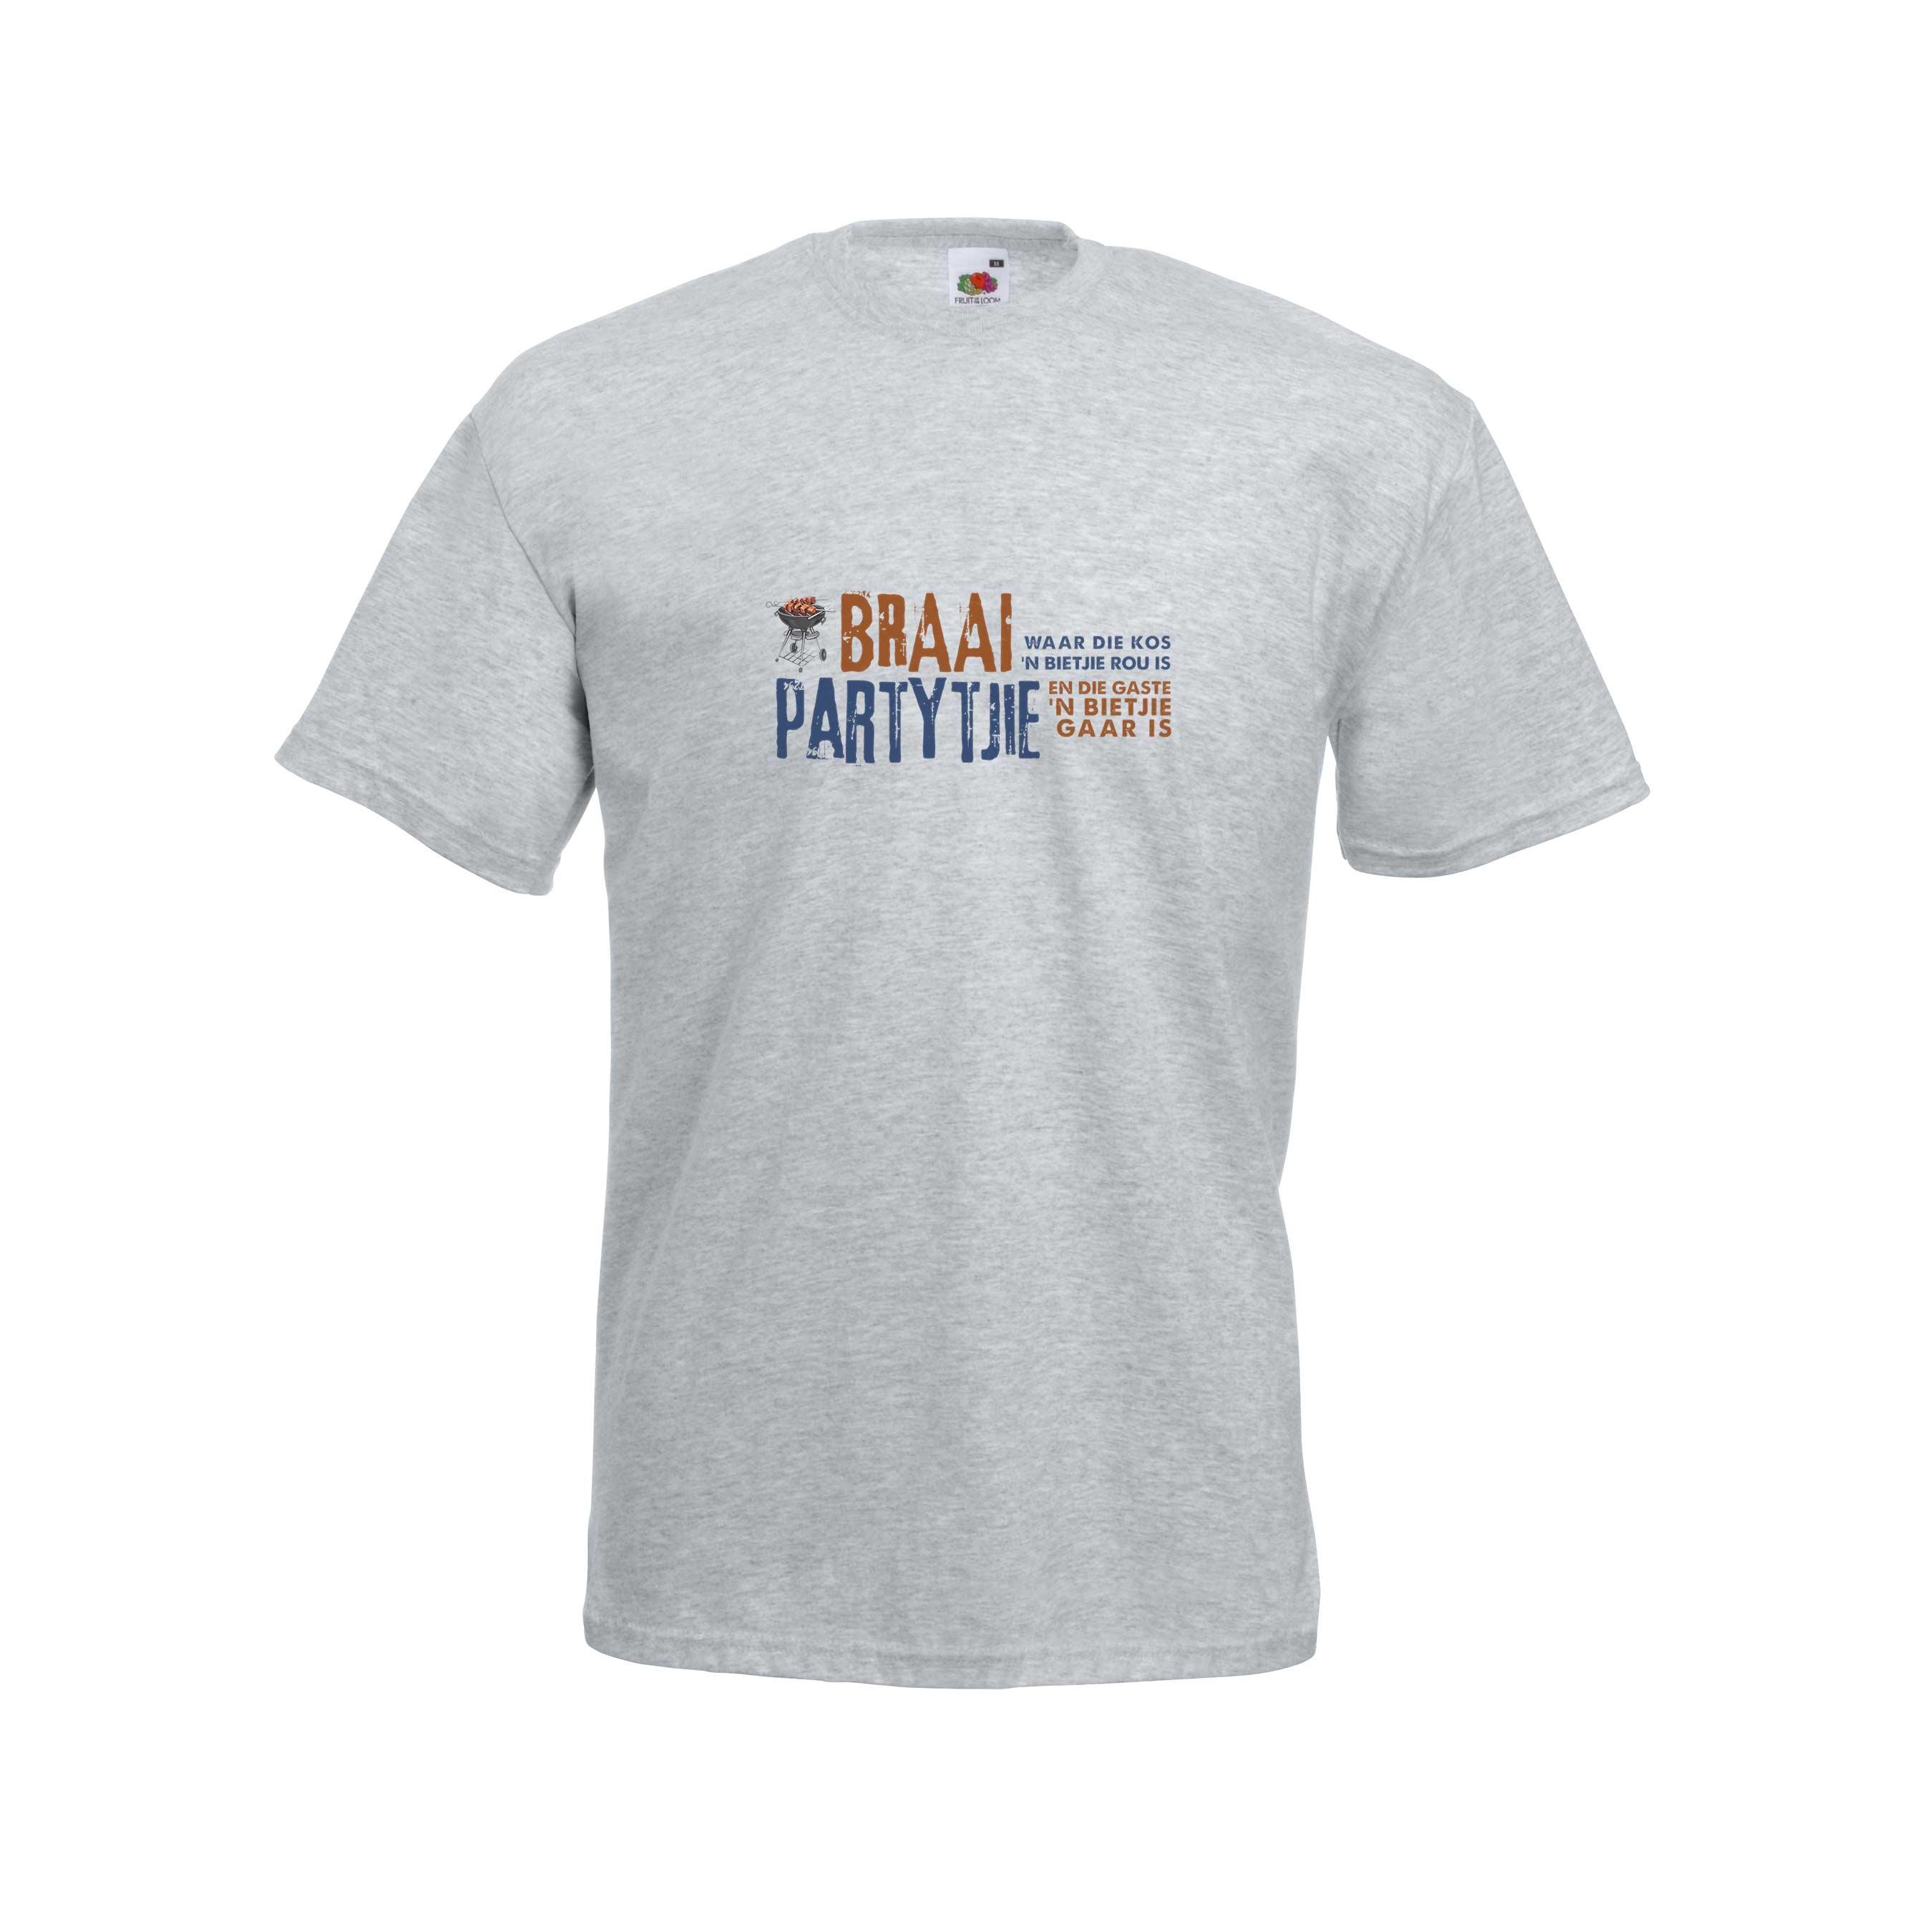 Braai Partytjie design for t-shirt, hoodie & sweatshirt